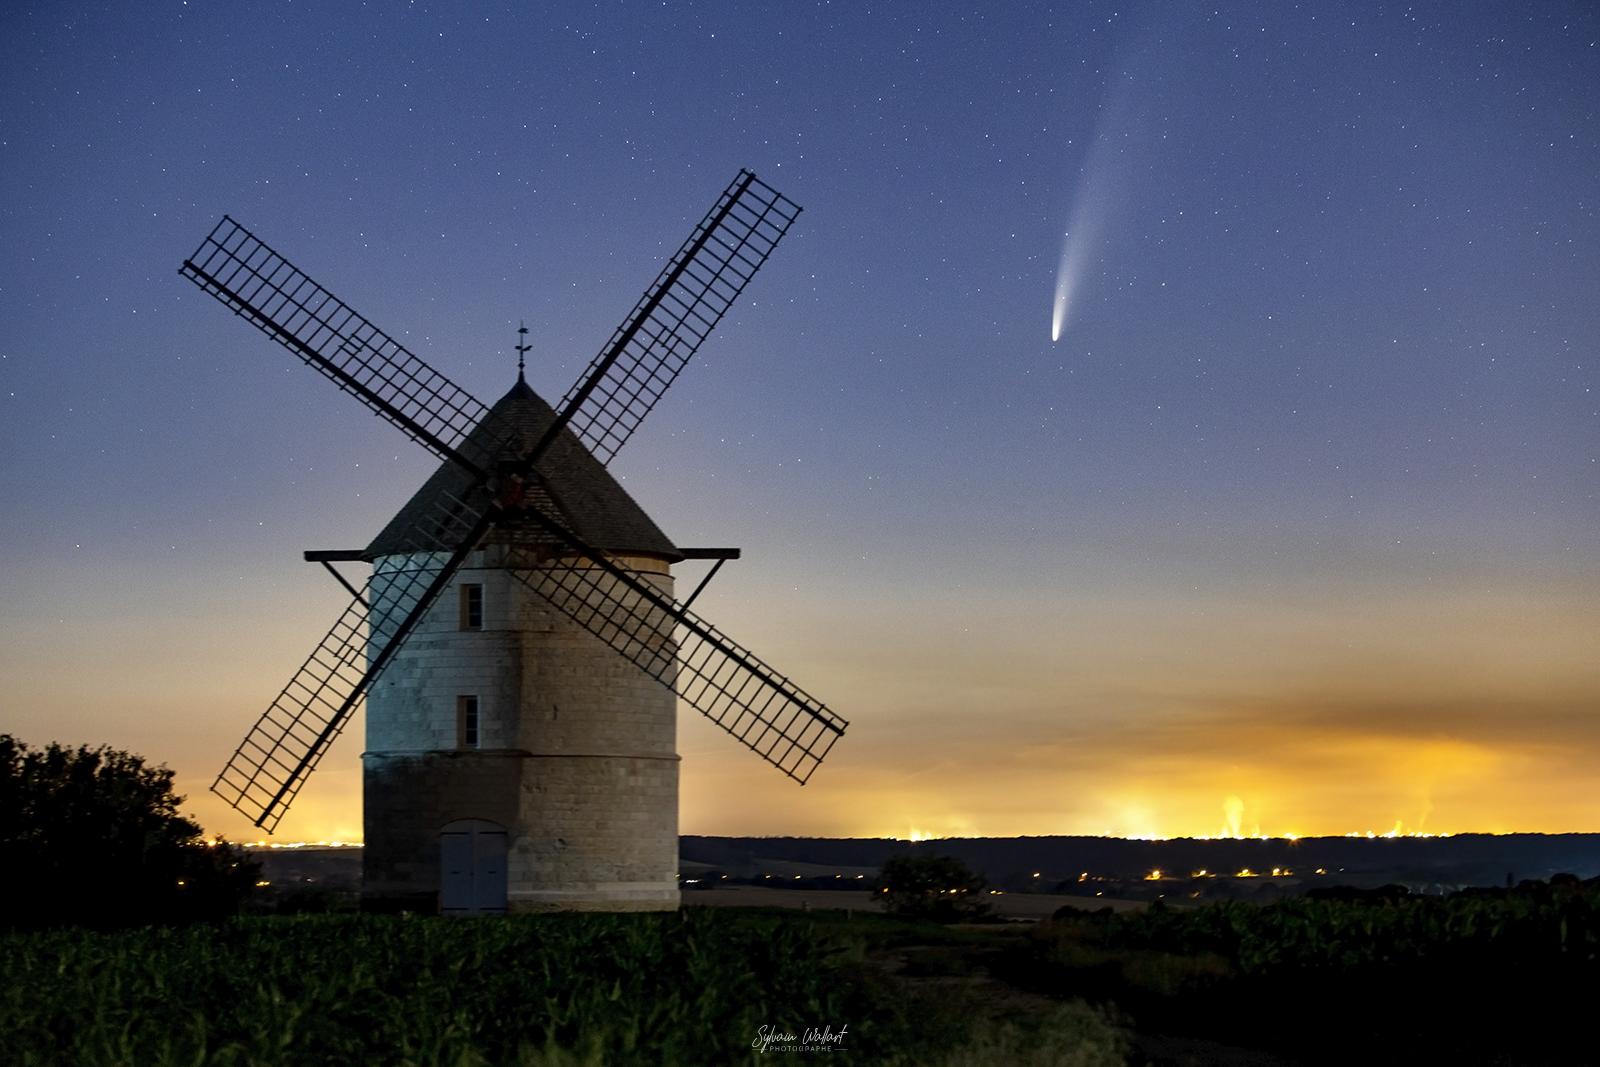 Neowise au pied du moulin